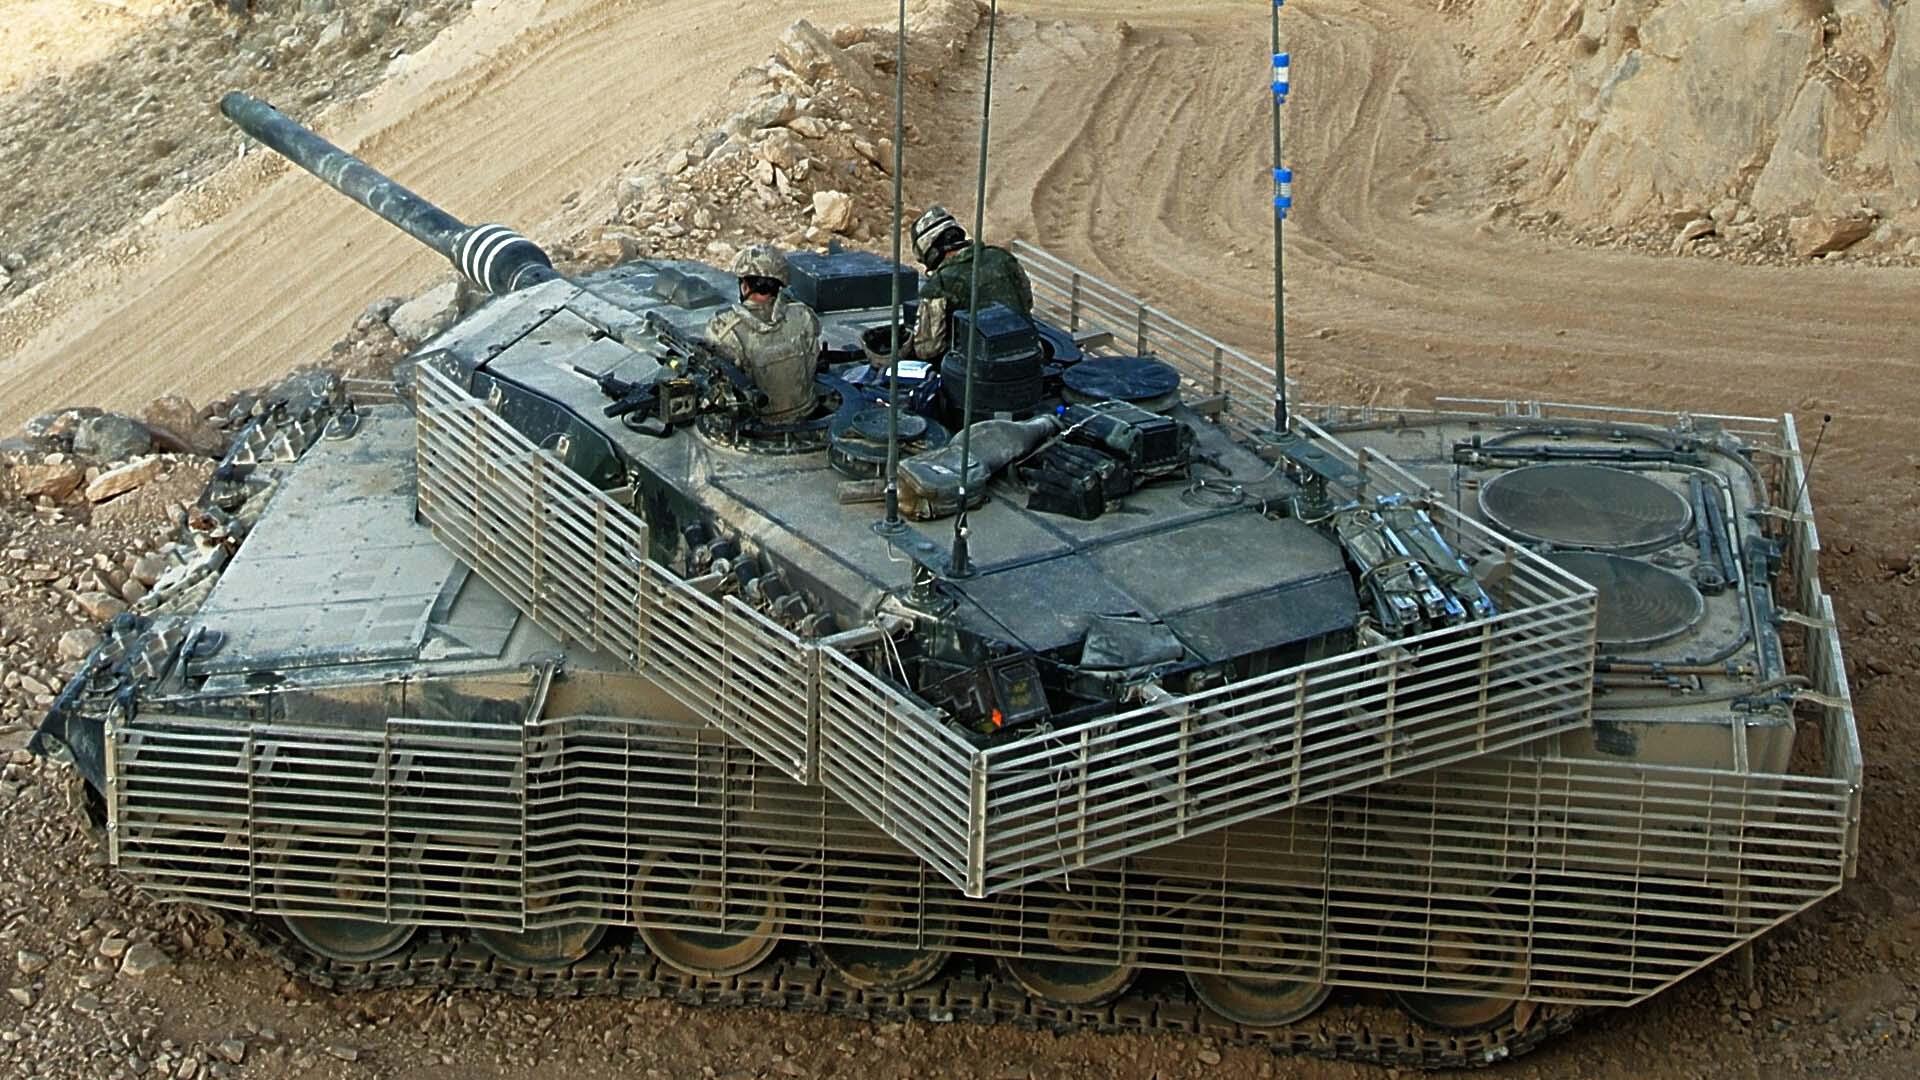 Cовременный танк Германии Leopard 2